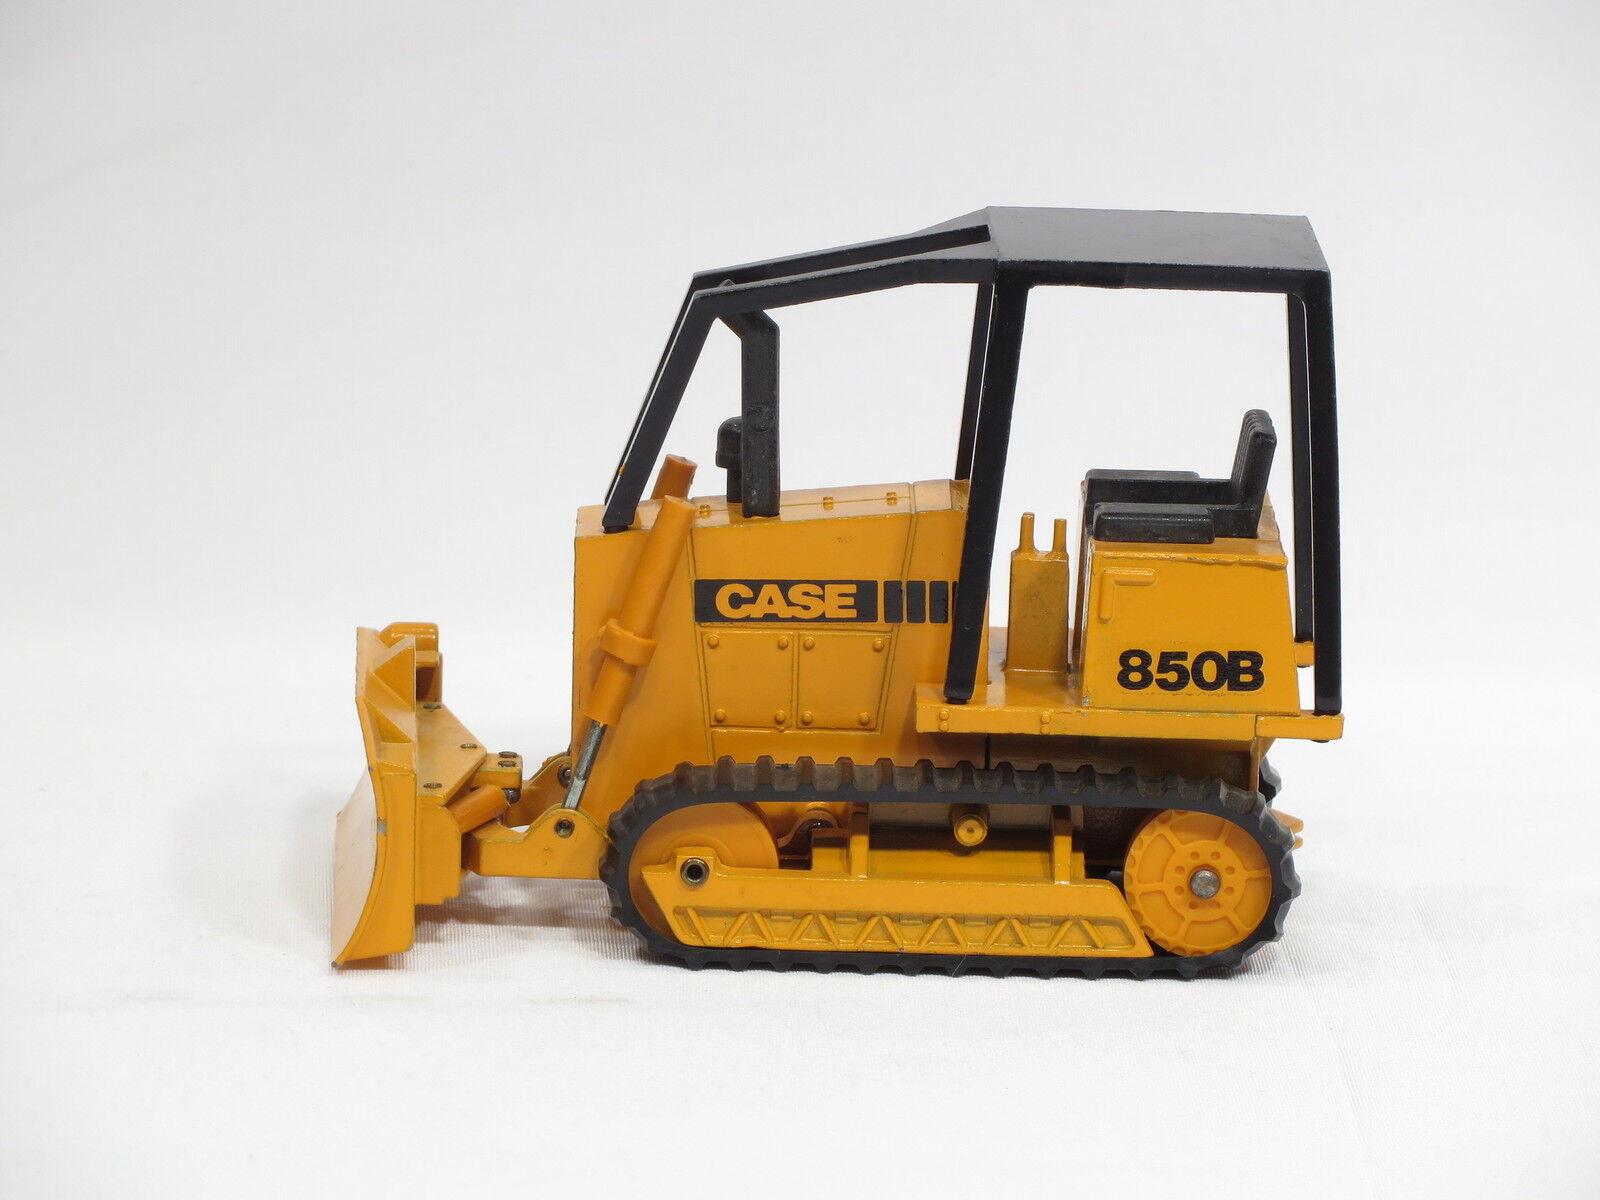 migliori prezzi e stili più freschi Case 850B Dozer - o c - 1 35 35 35 - NZG  176 - No scatola  fantastica qualità